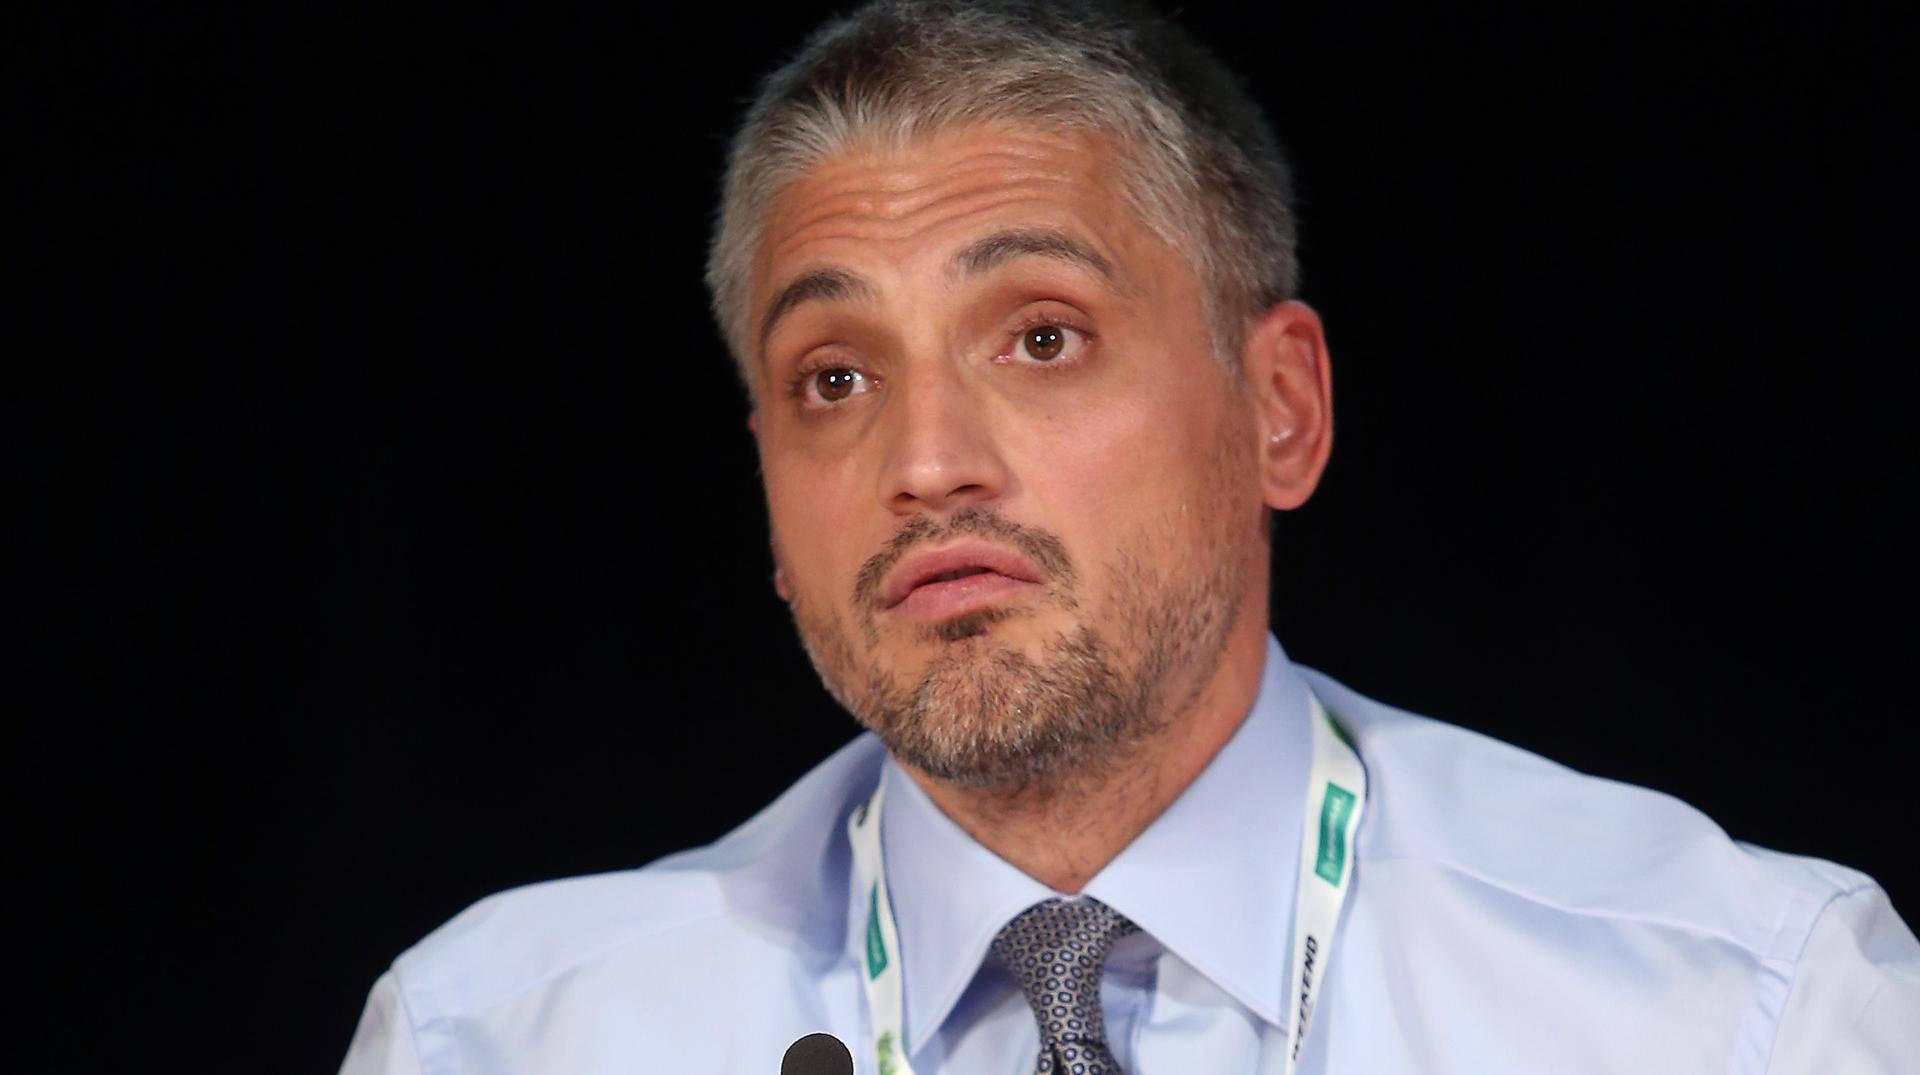 Afera 'Mamma Mia': Srpskom političaru pretražuju imovinu